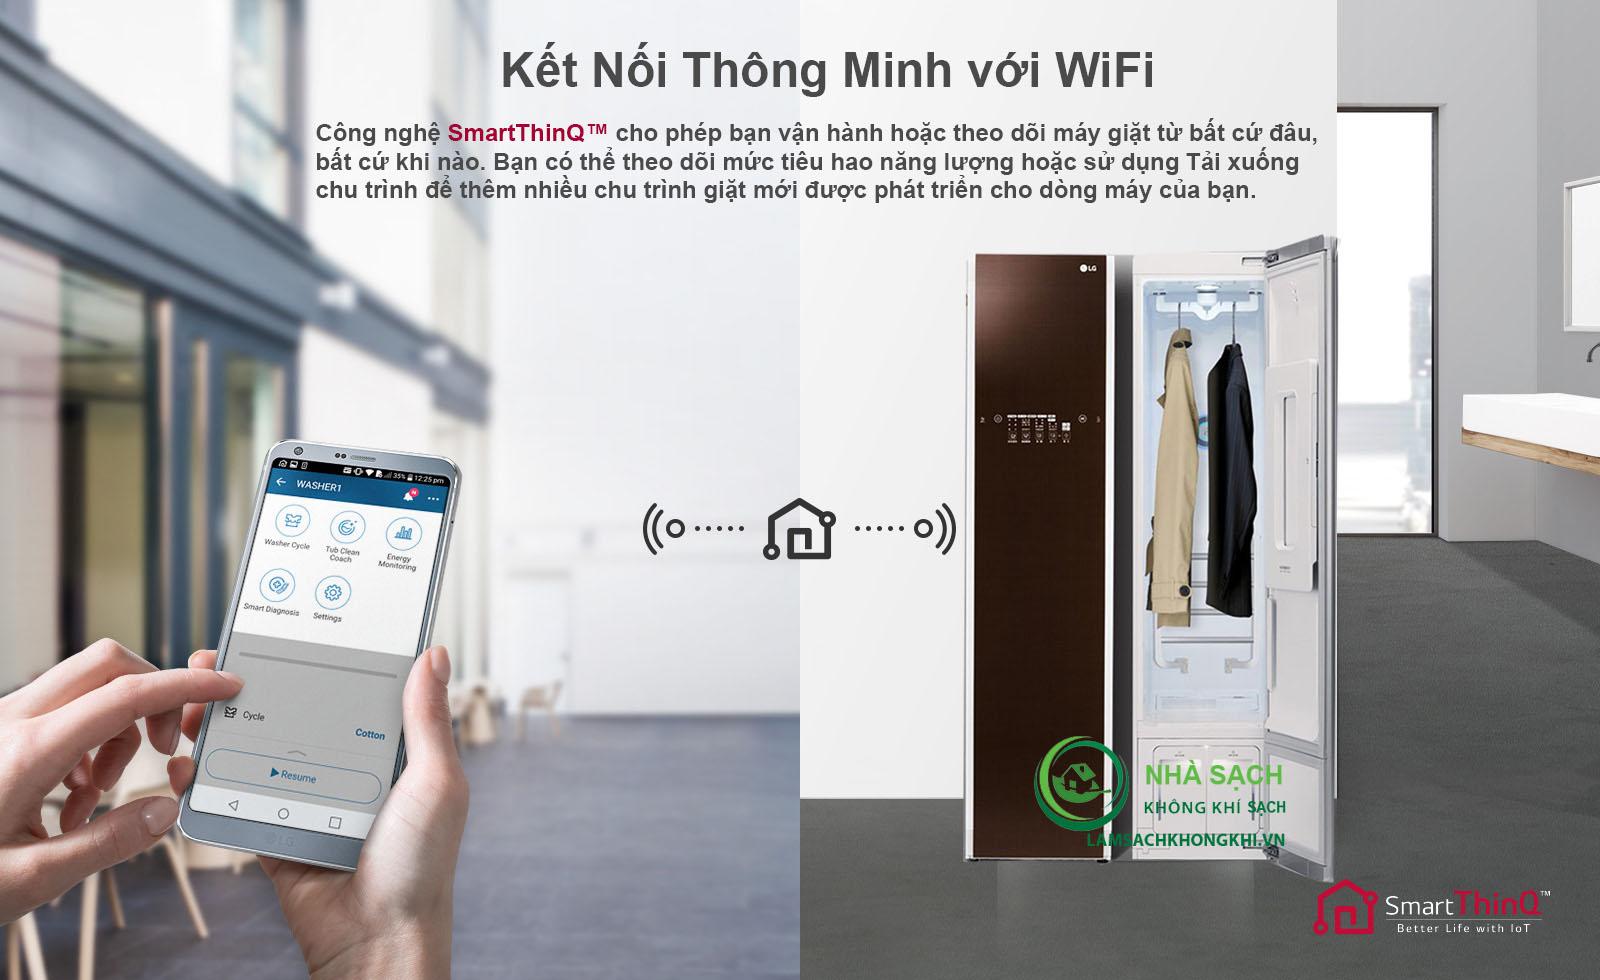 Tính năng kết nối thông minh với Wifi cho phép điều khiển thiết bị từ xa